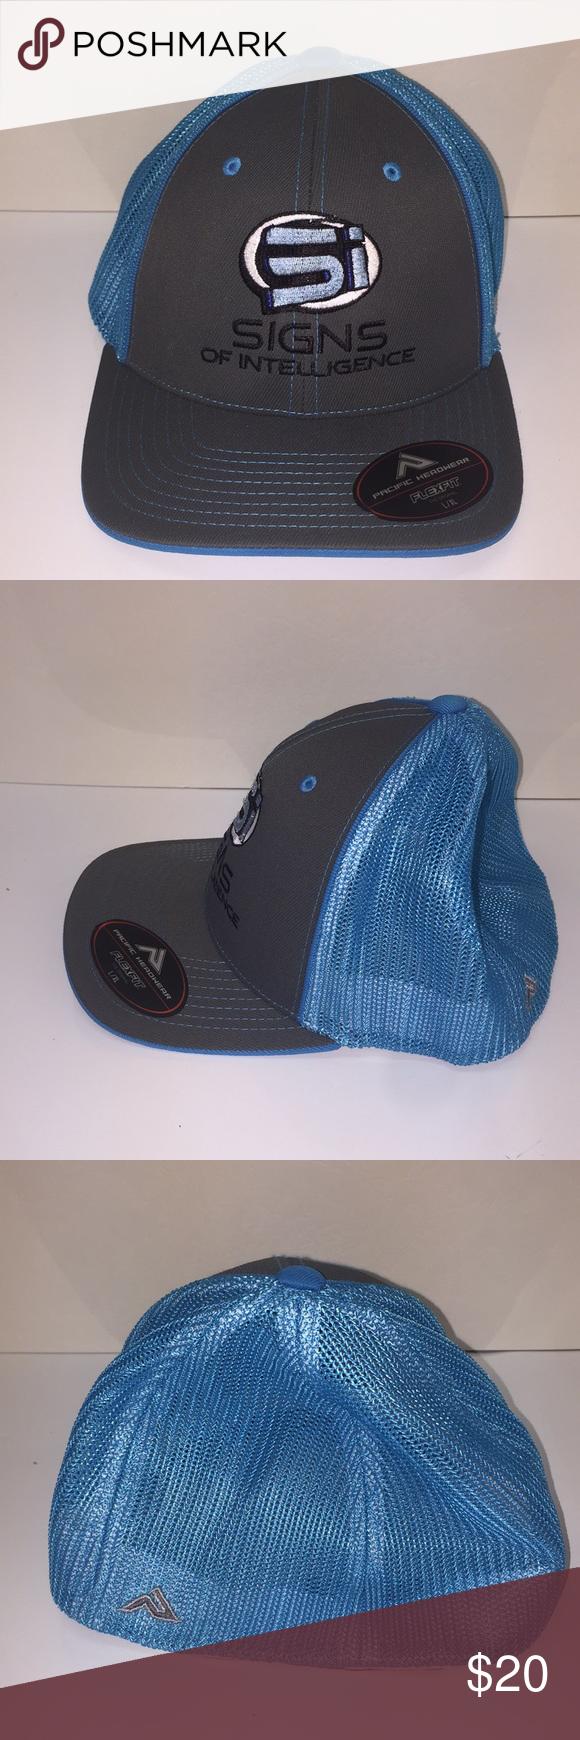 Men S Signs Of Intelligence Hat Size Large Xl Hat Sizes Women S Headwear Hats